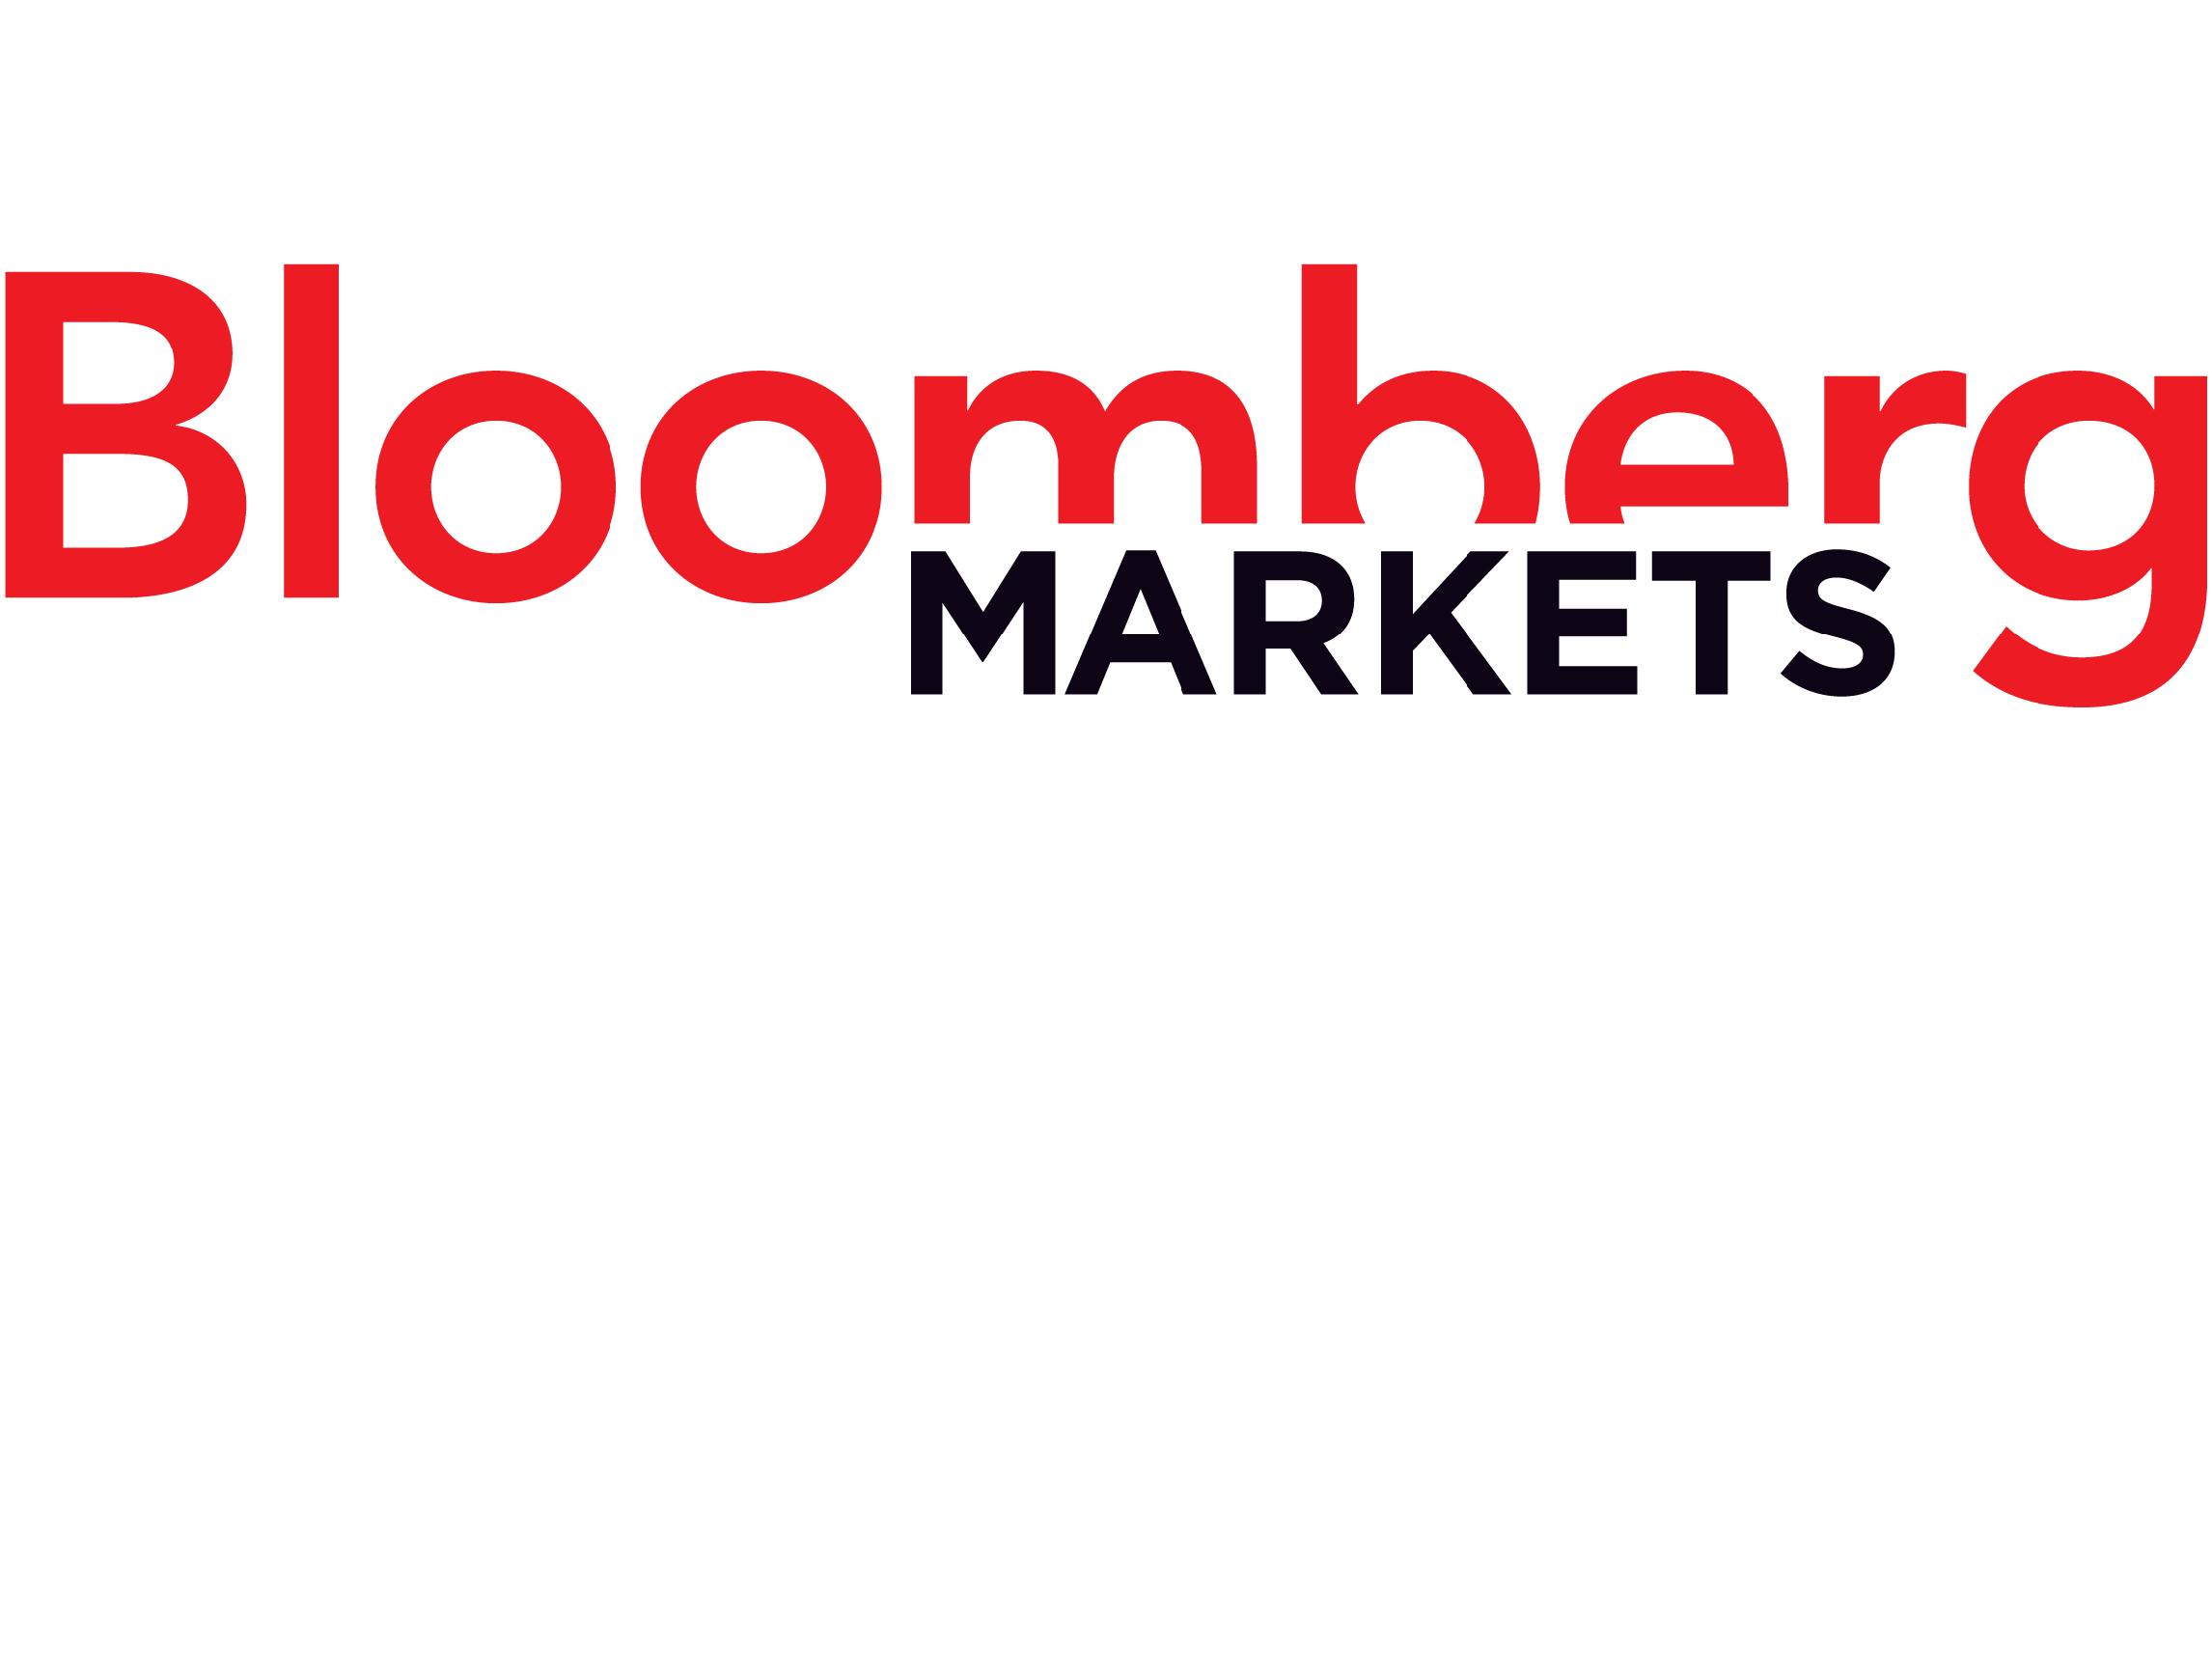 DMD_Logos_Bloomberg_150.jpg